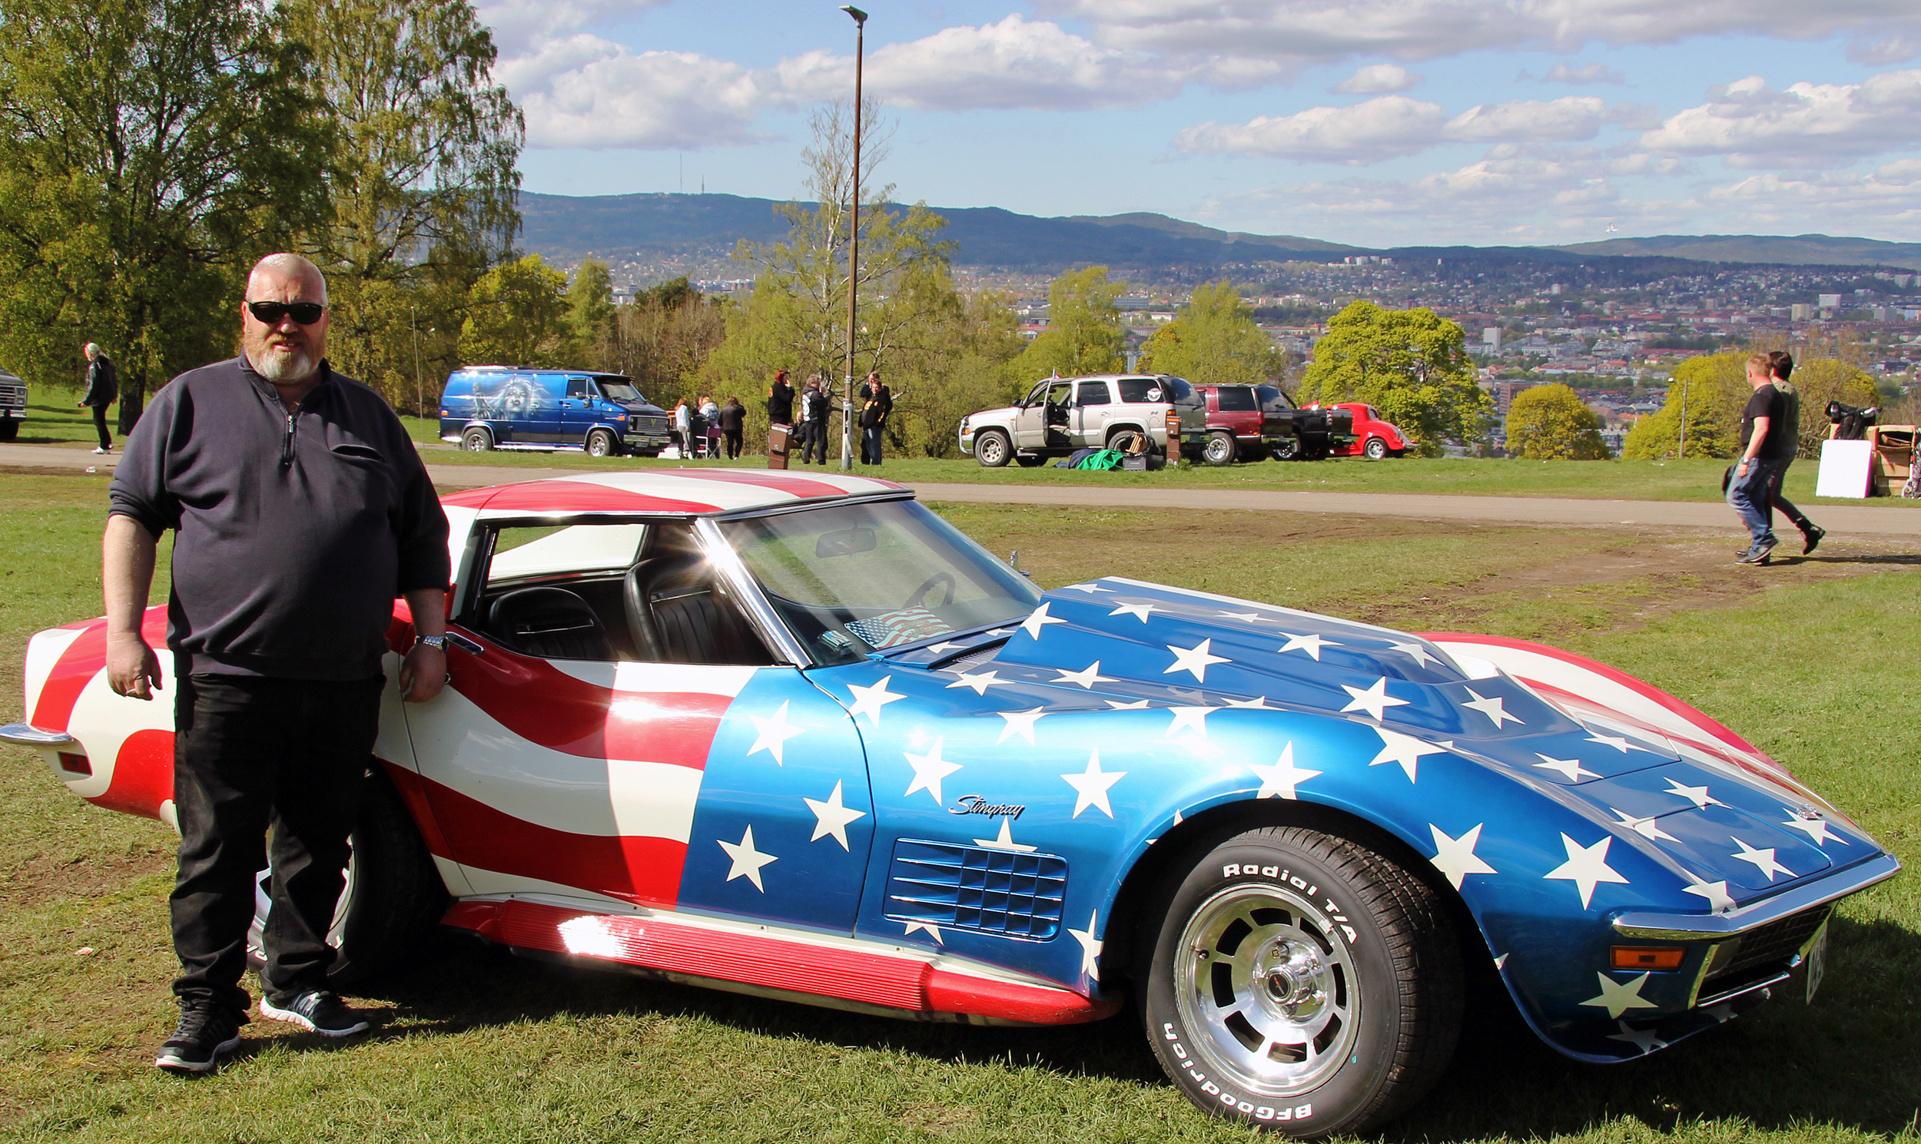 222-1970 Chevrolet Corvette 01. Eier- medlem 222 J